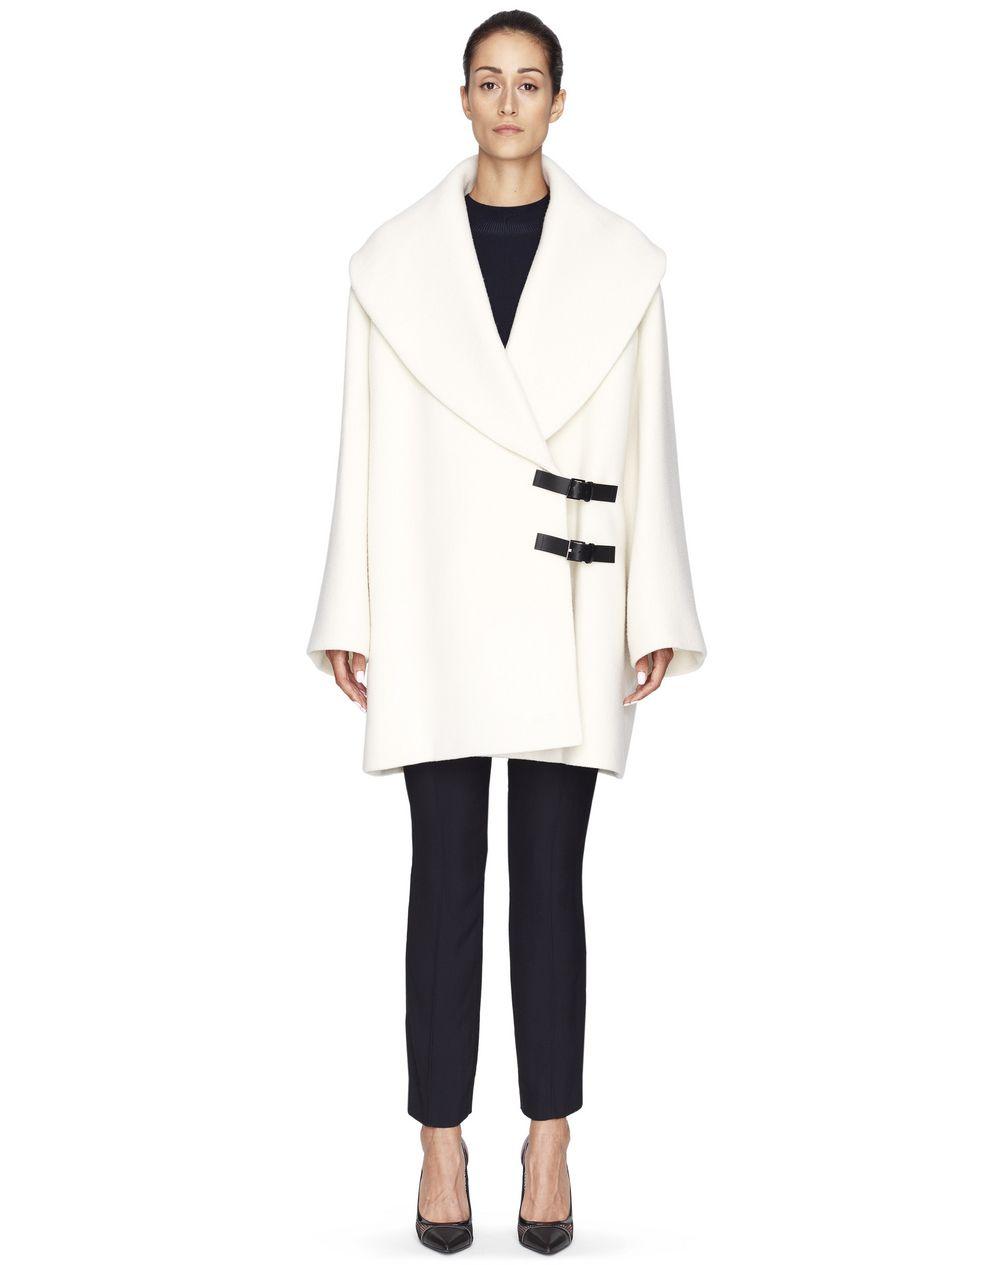 Manteau mi-long en laine bouillie couleur crème , Lanvin – Prix €3 290